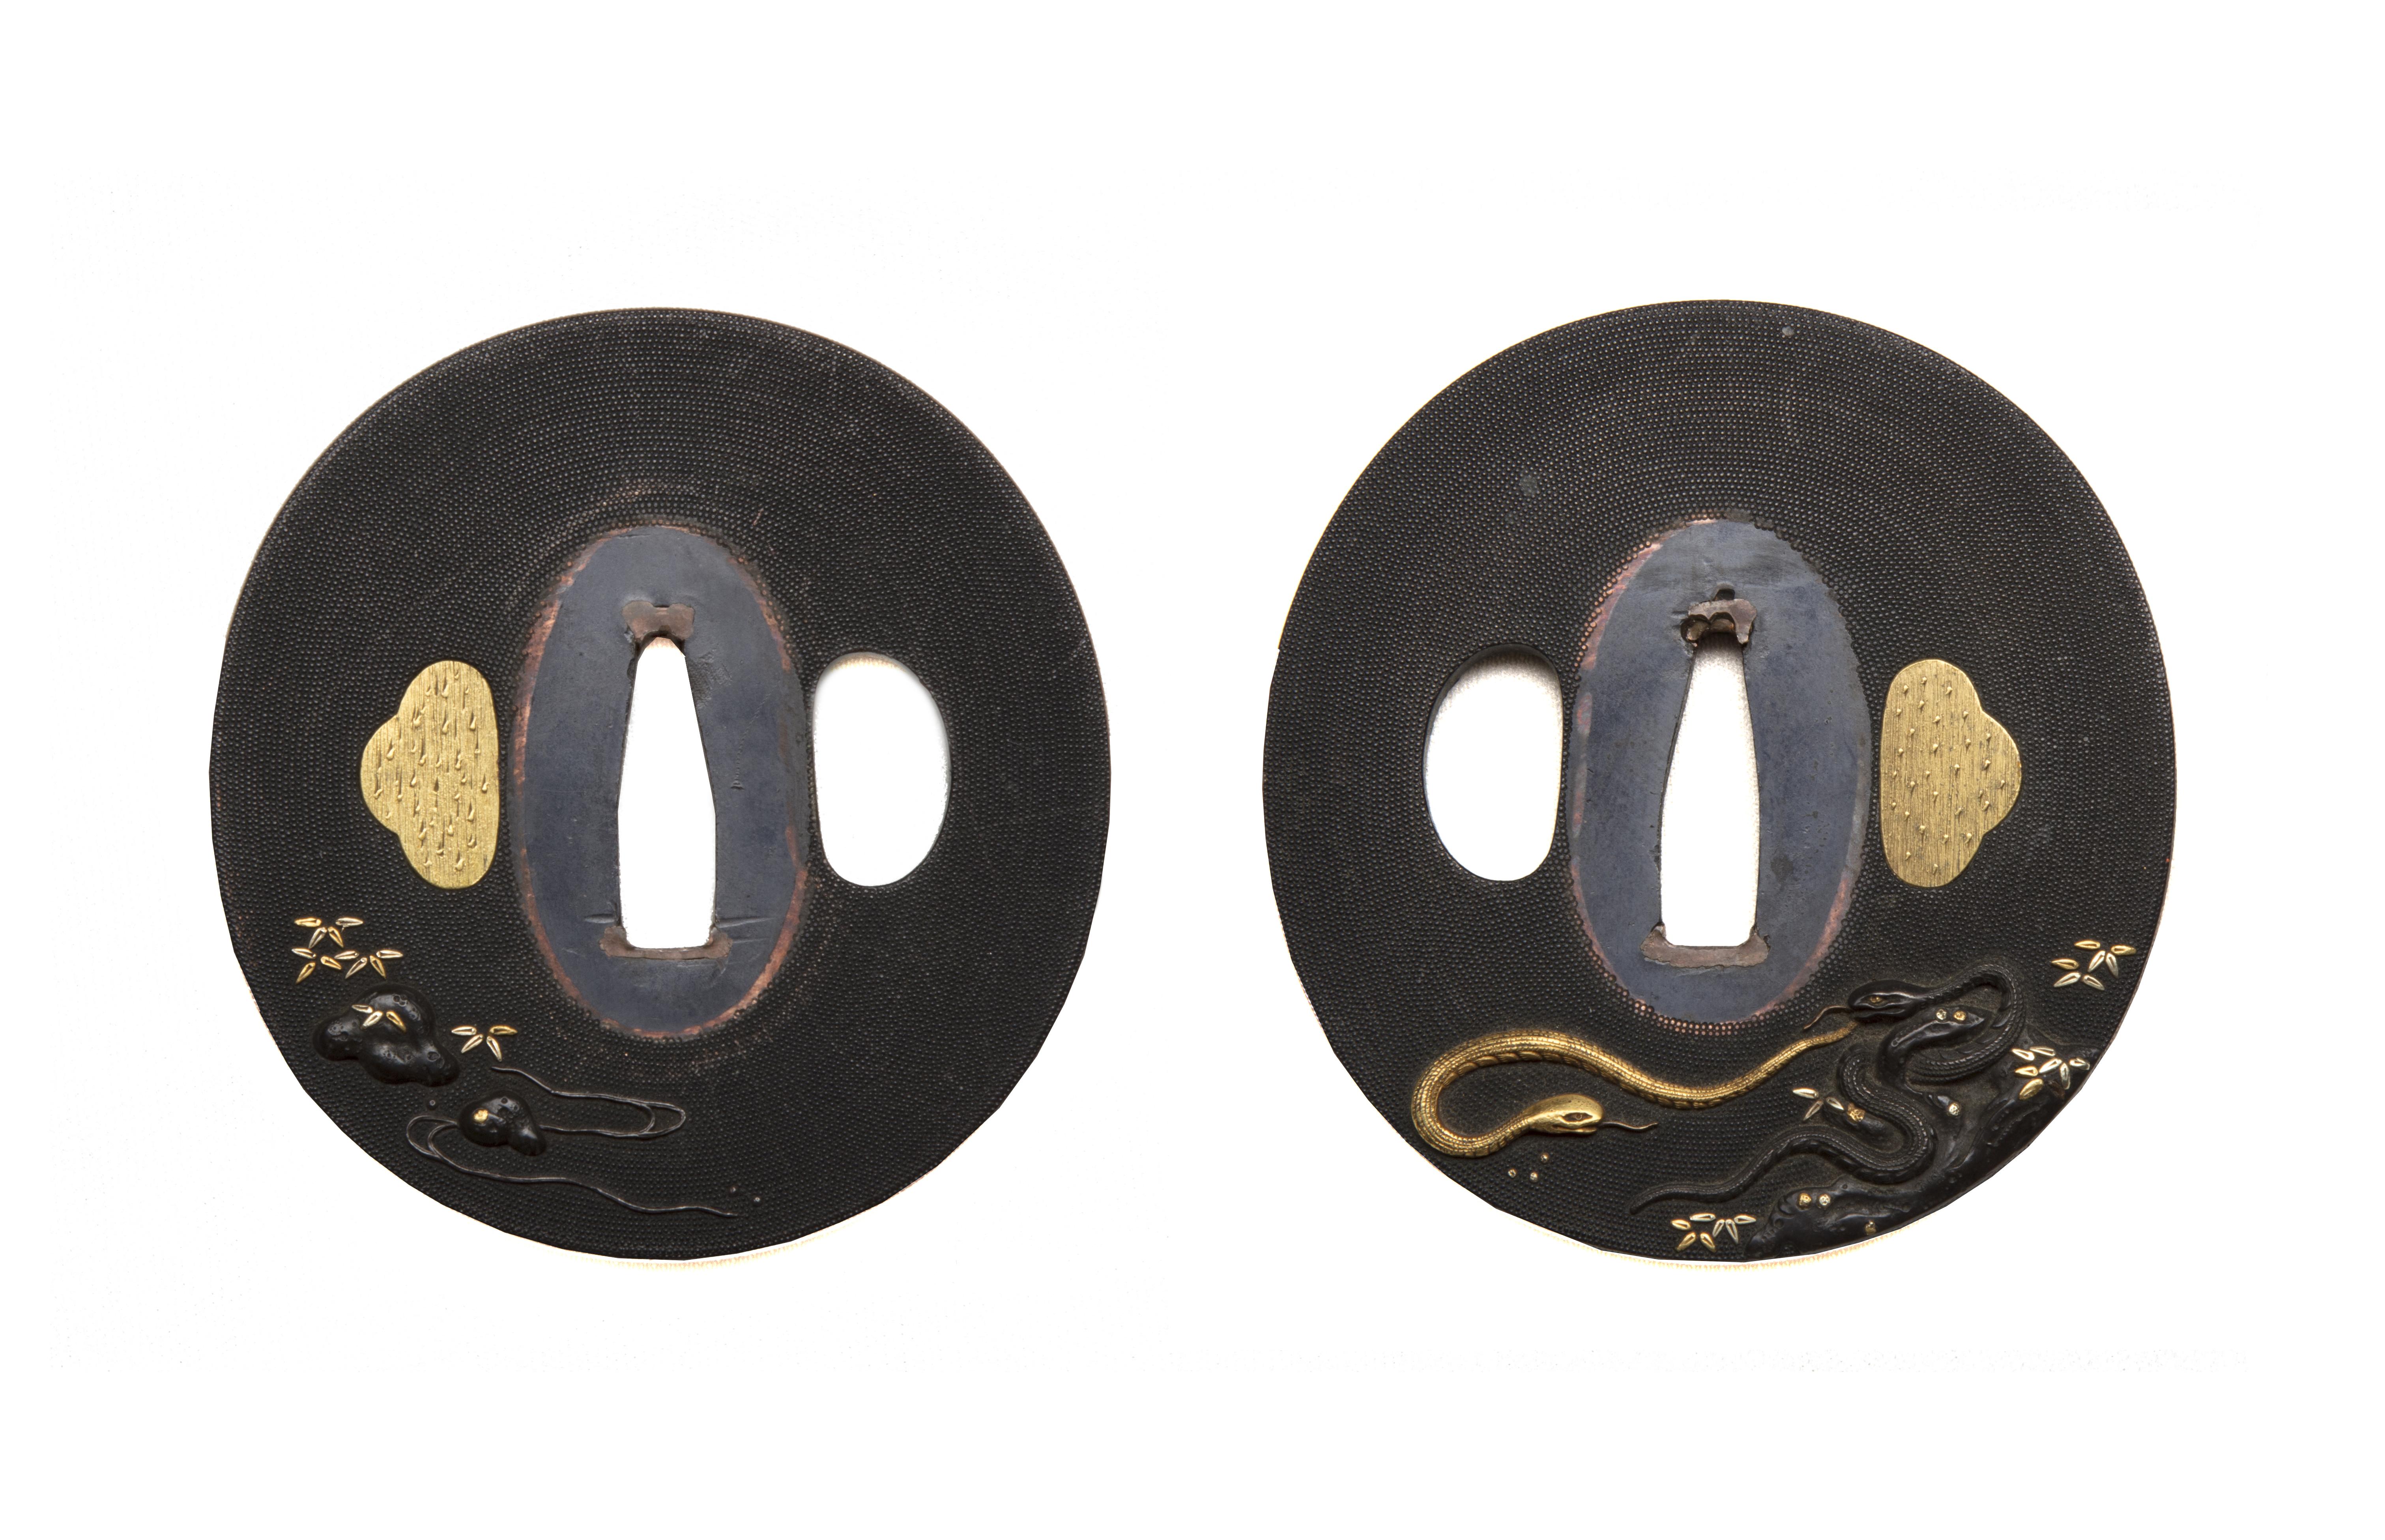 Szamurájkard